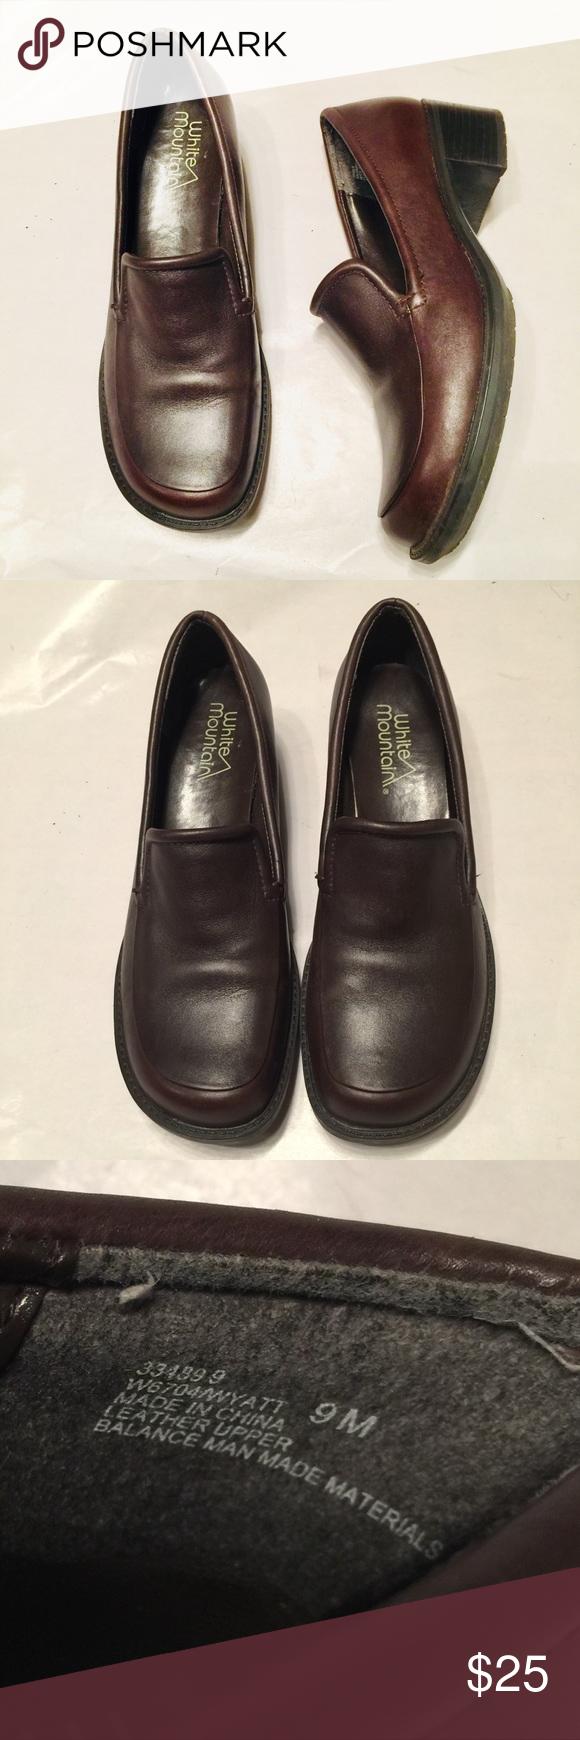 🌈White Mountain shoes | Shoes, White